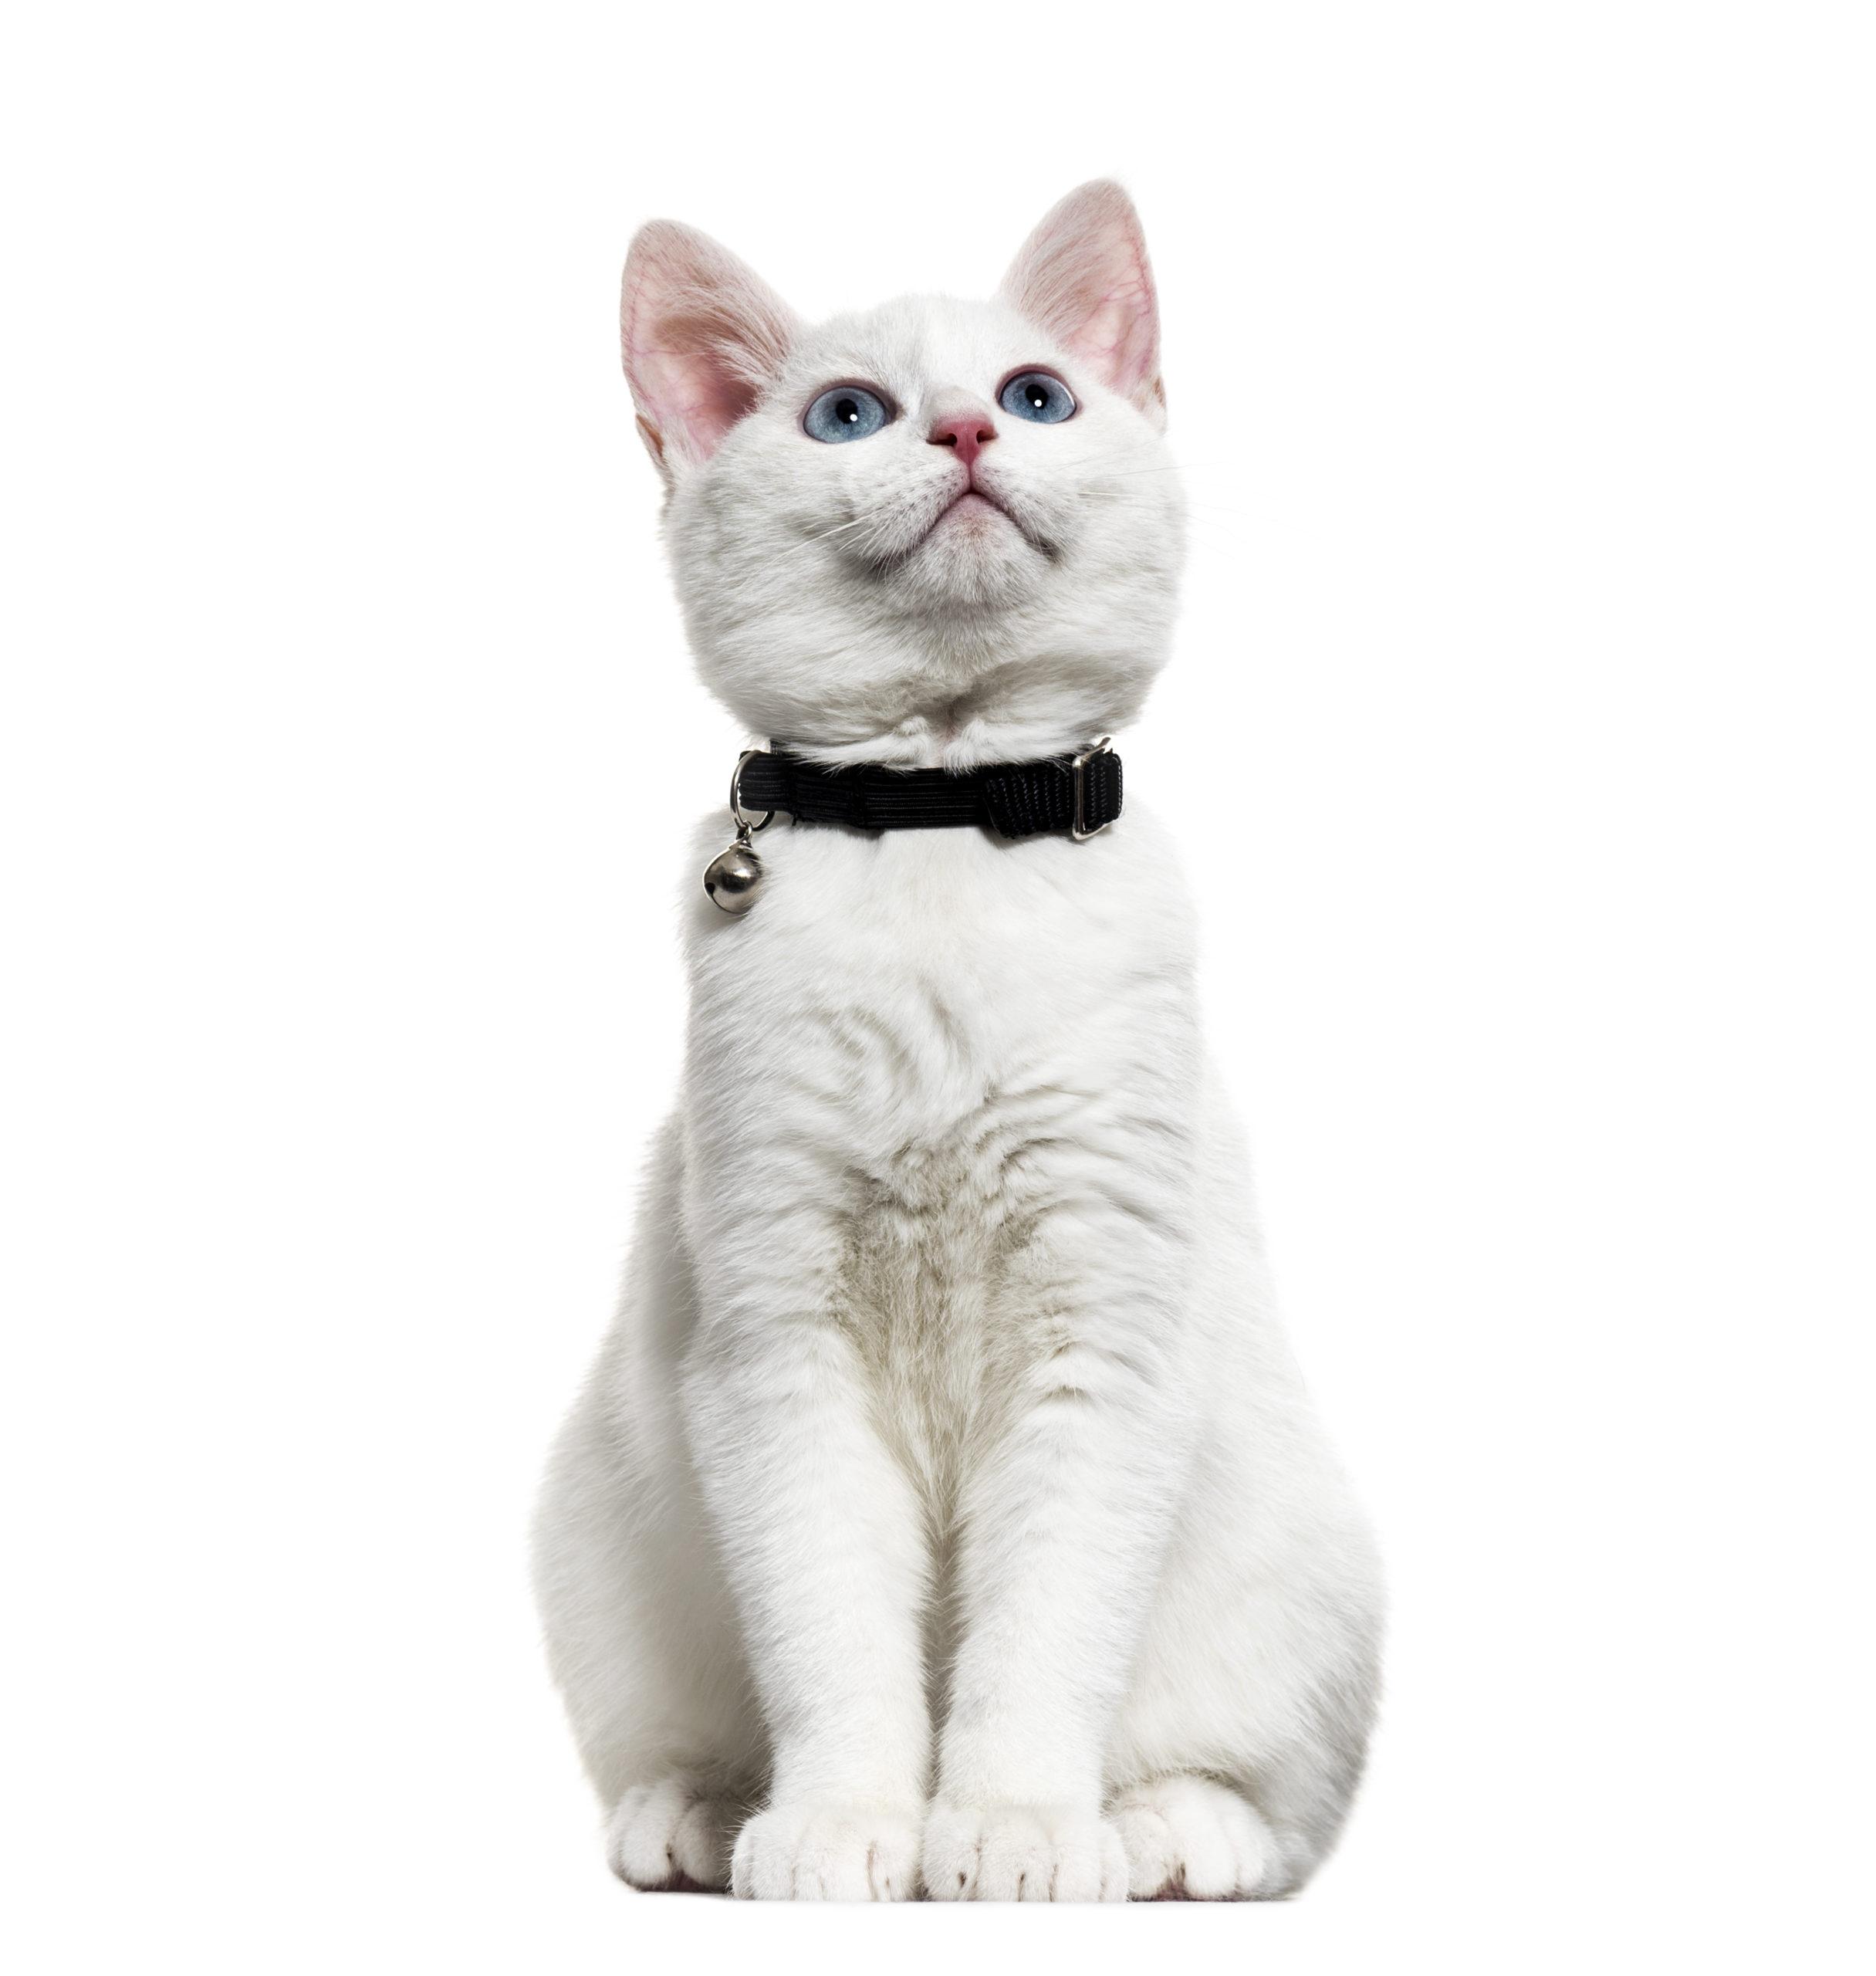 猫の首輪鈴つきのおすすめ5選【4匹の猫と暮らす僕が厳選】